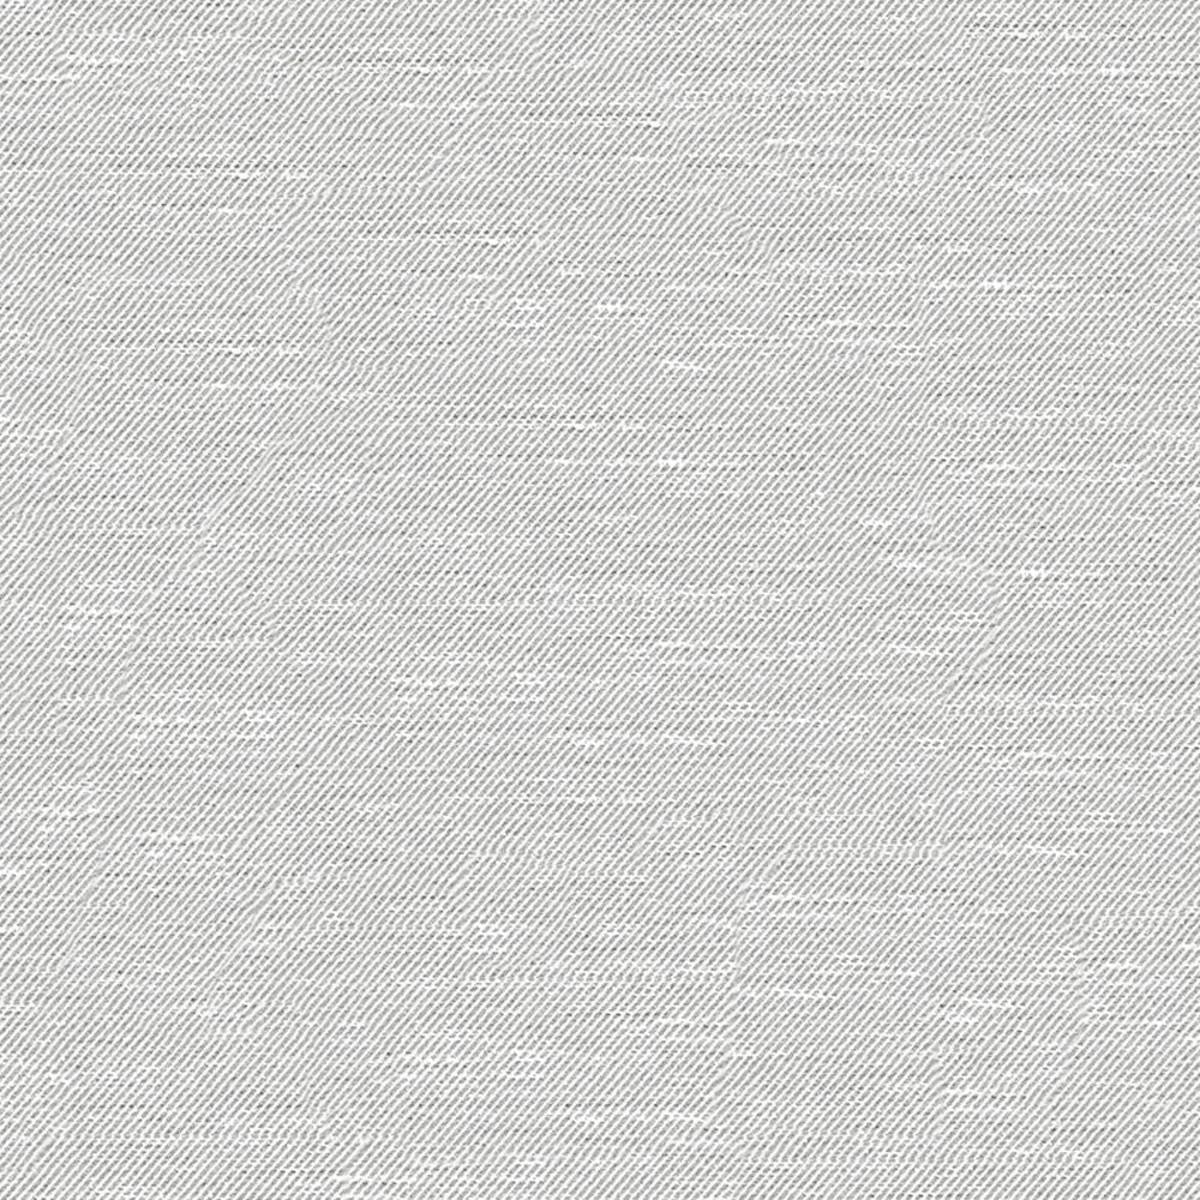 Обои виниловые Gaenari серые 1.06 м 87391-5